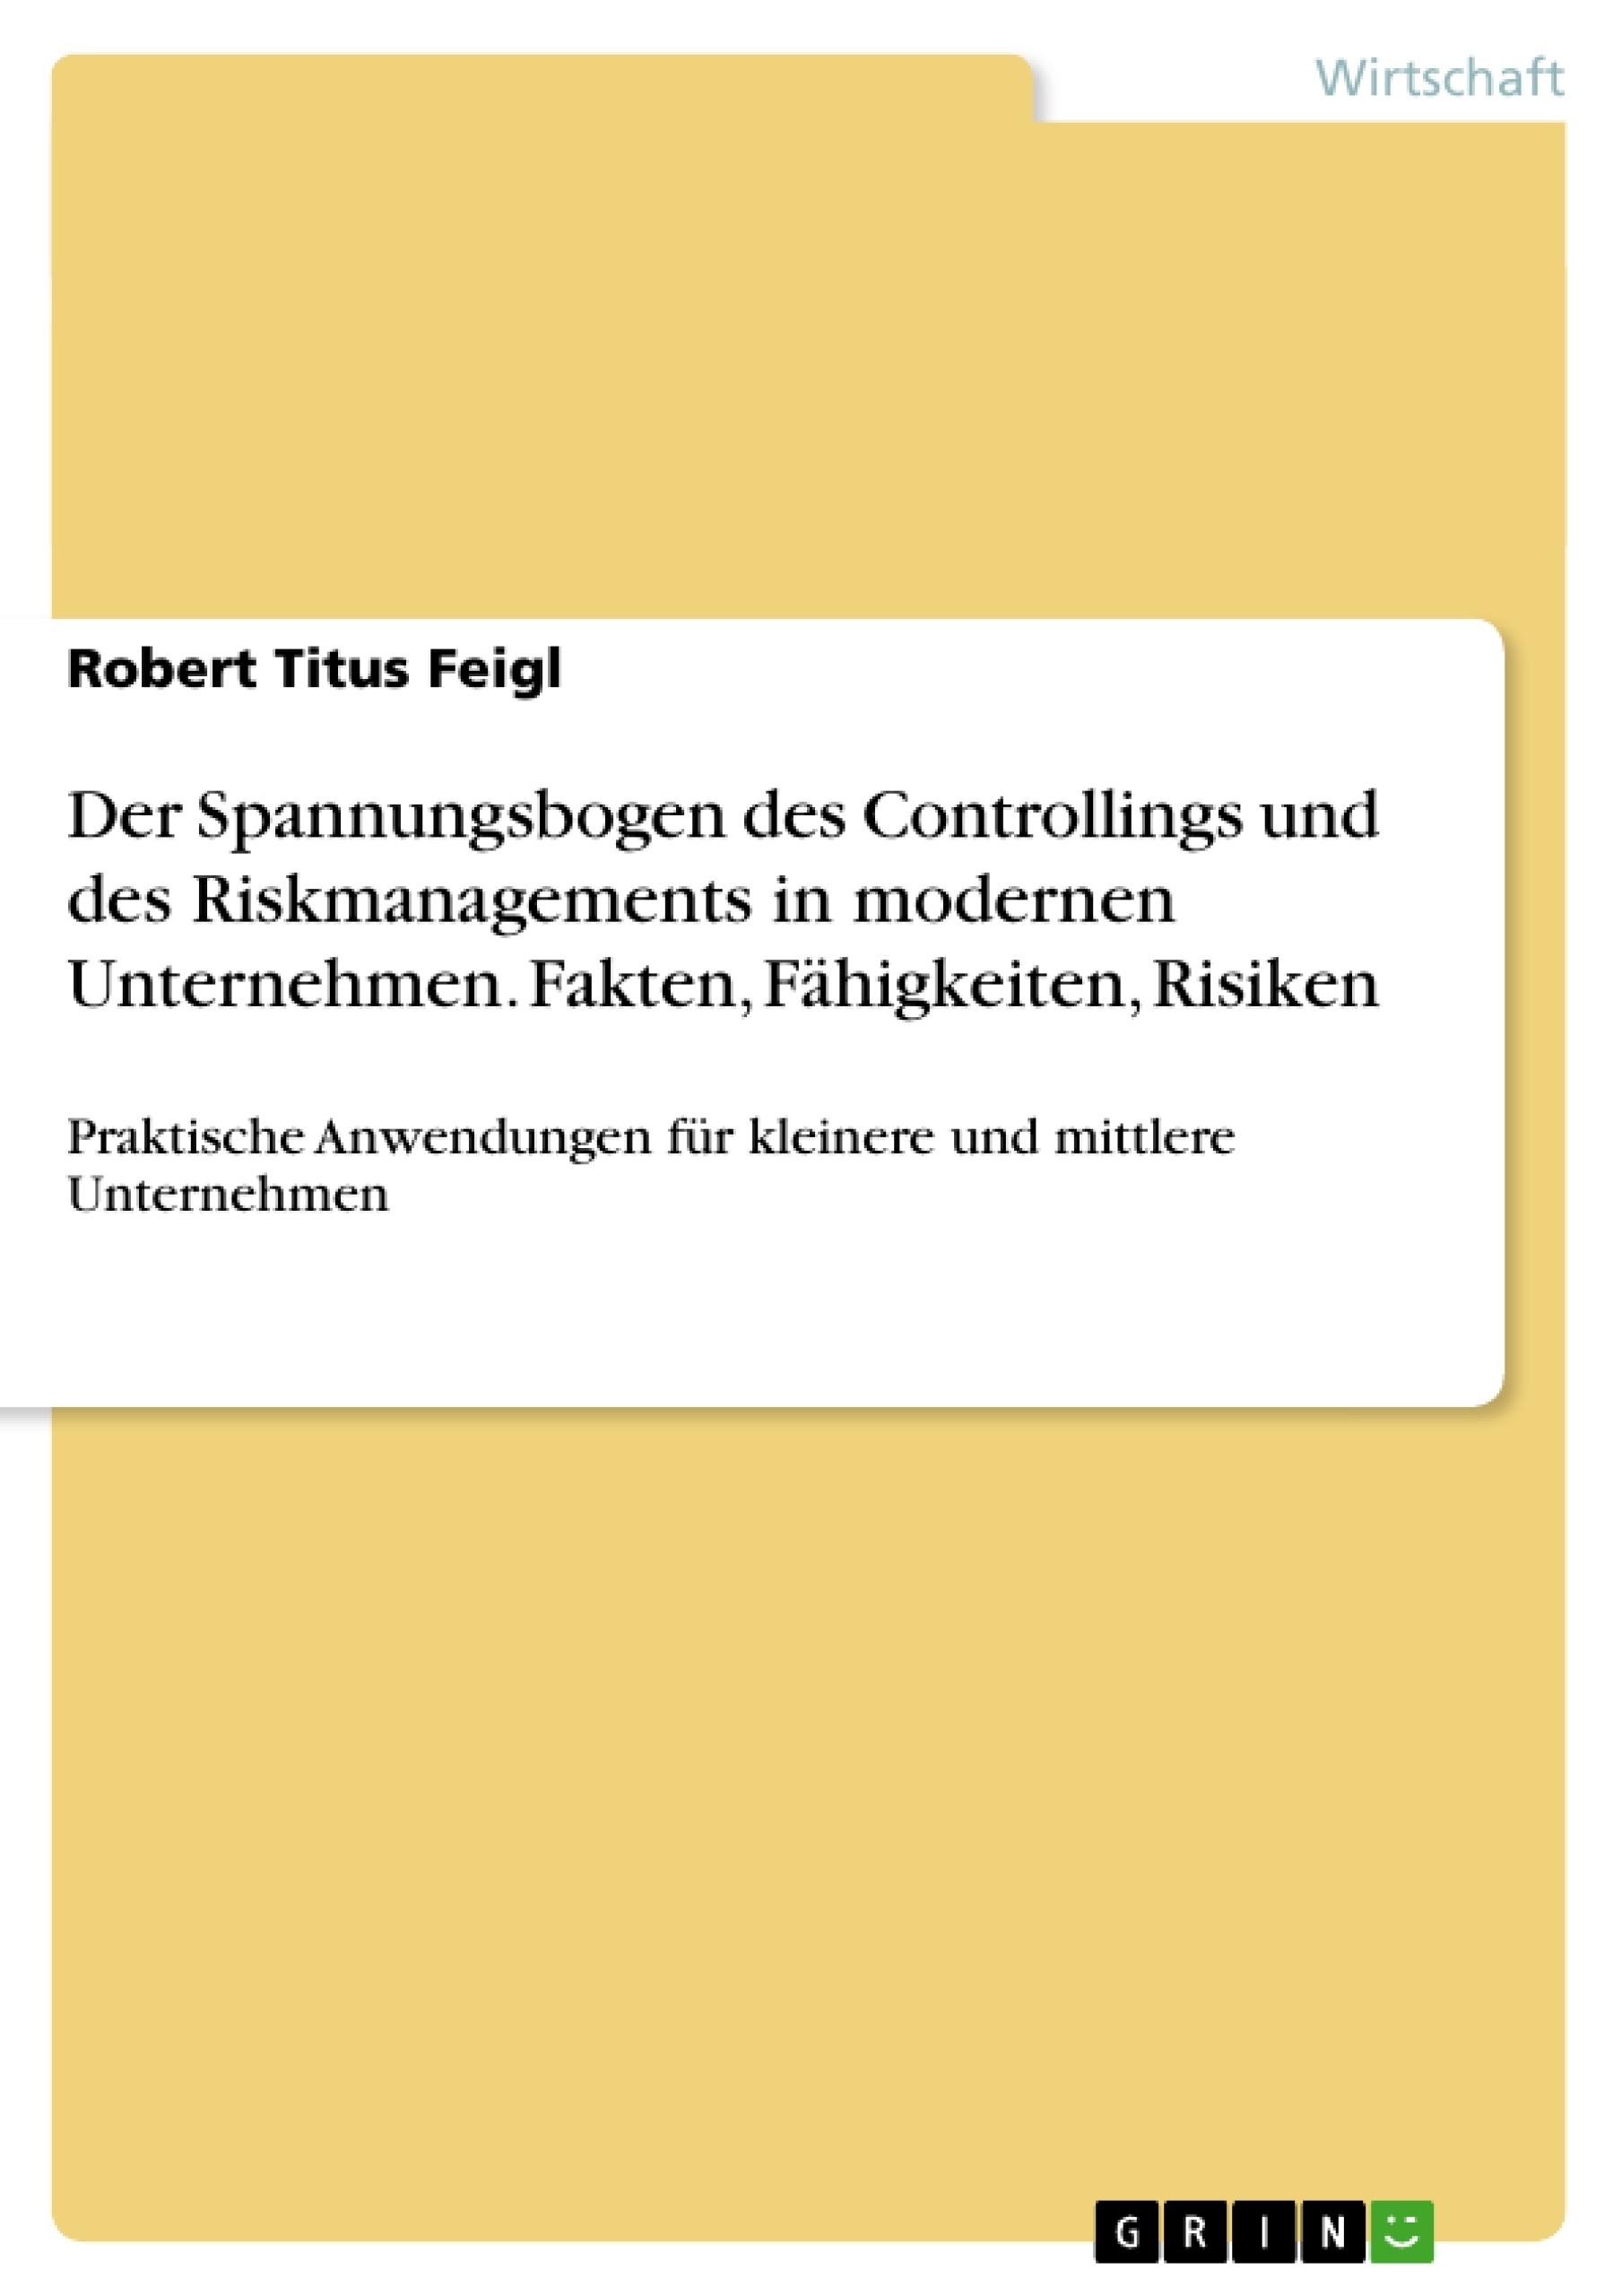 Titel: Der Spannungsbogen des Controllings und des Riskmanagements in modernen Unternehmen. Fakten, Fähigkeiten, Risiken